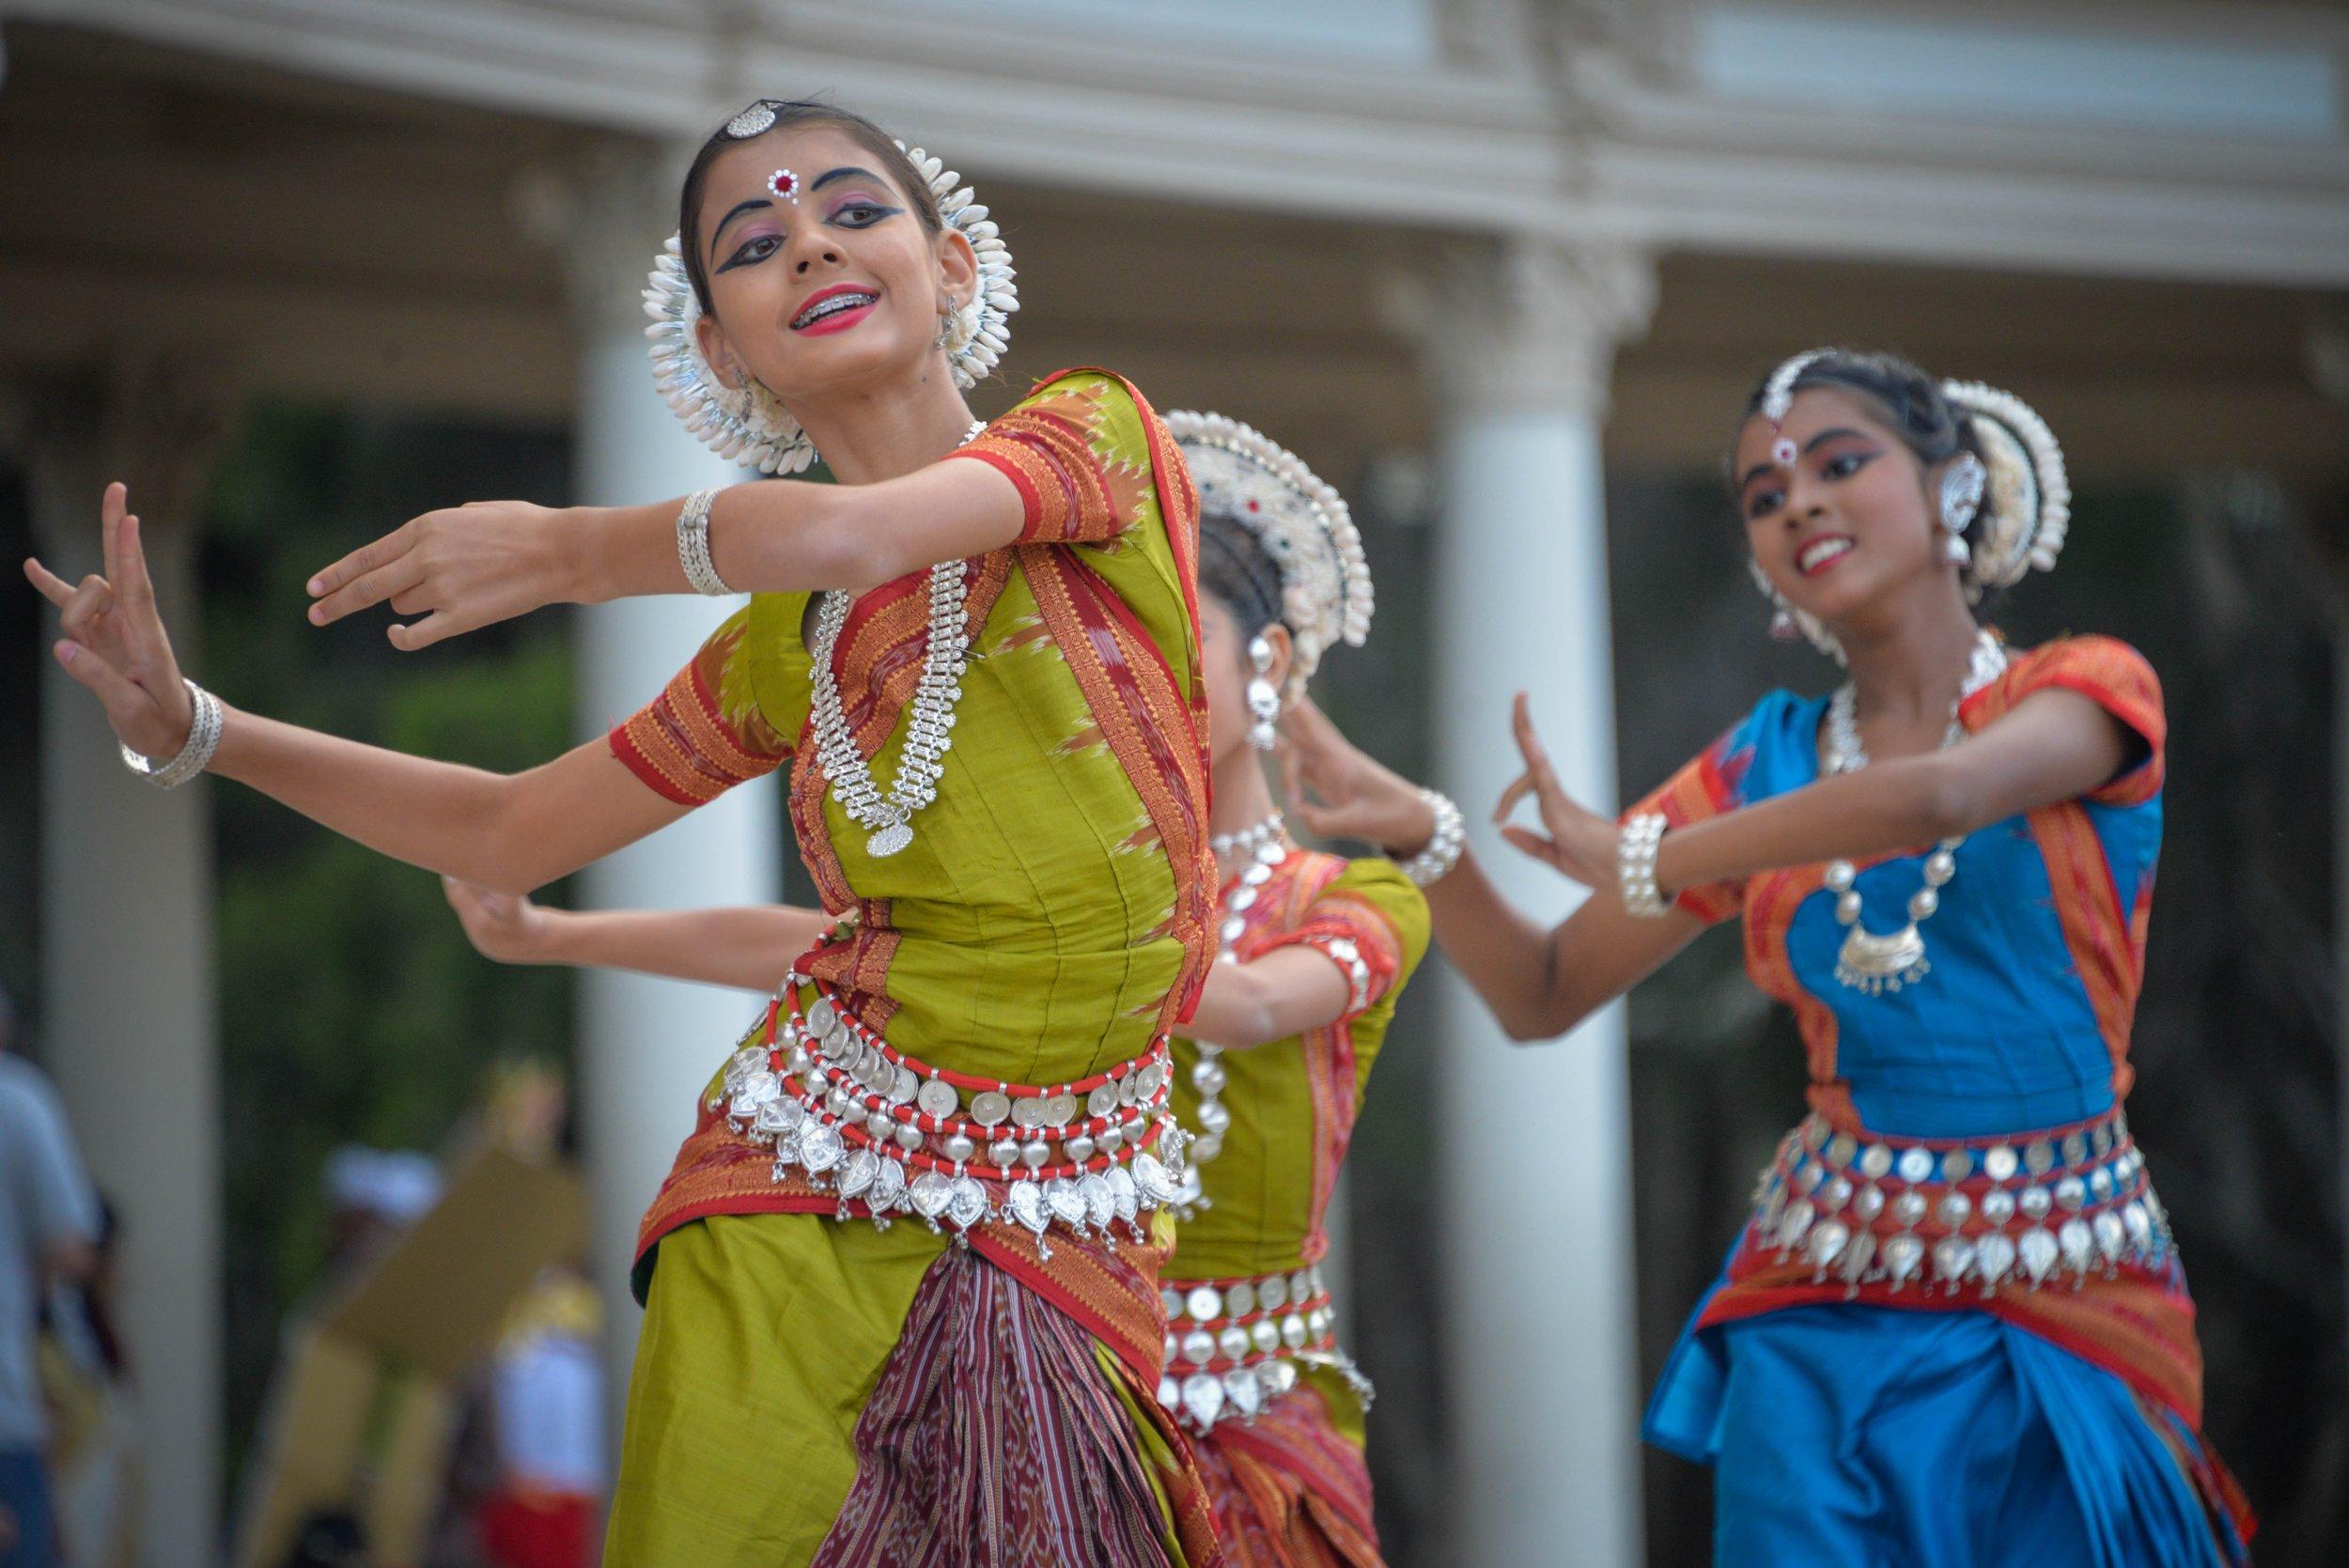 Dancers_pavan-gupta-93706.jpg